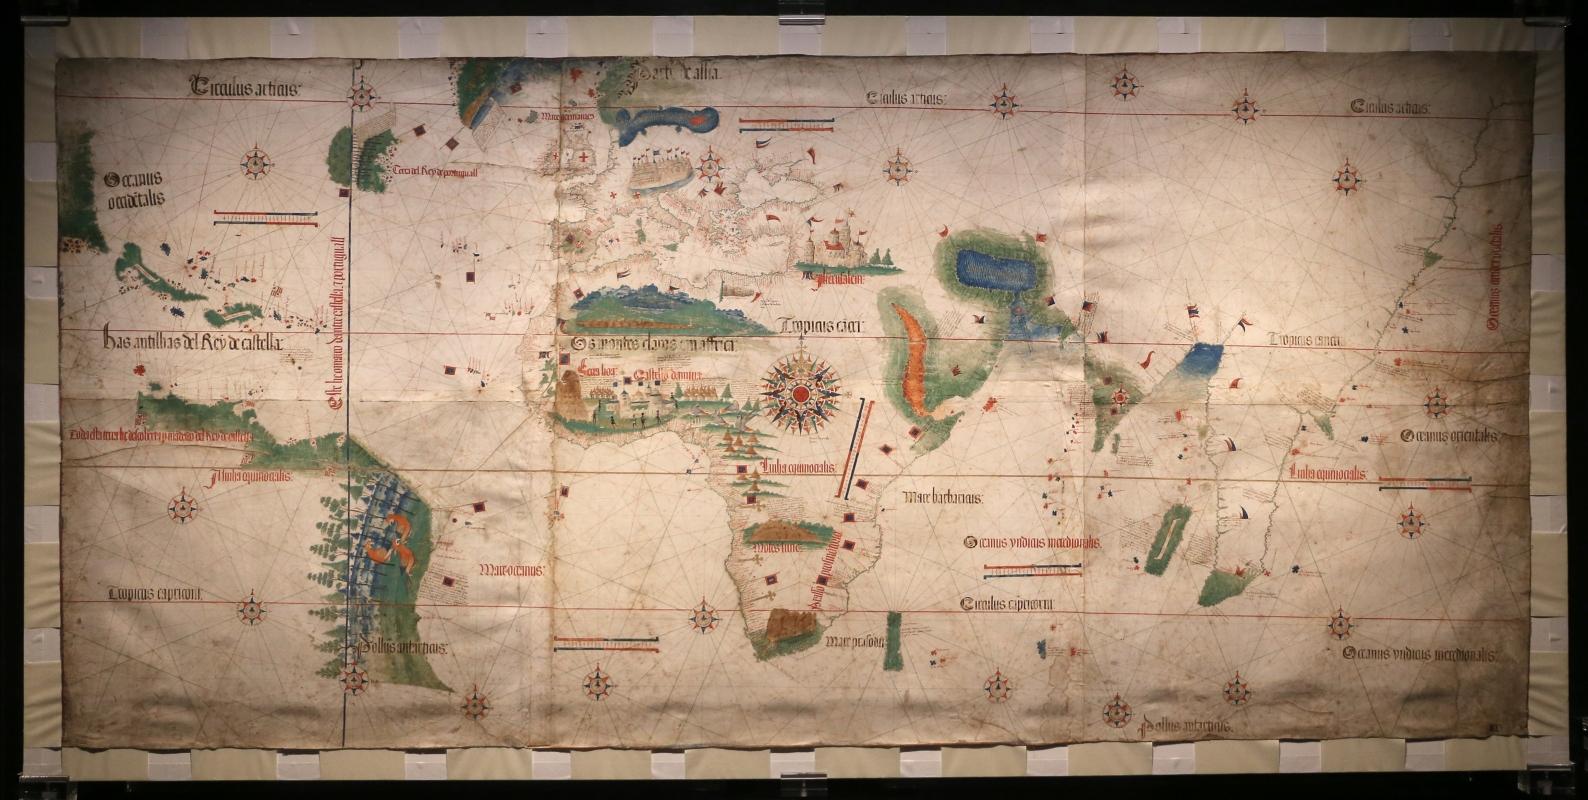 Anonimo portoghese, carta navale per le isole nuovamente trovate in la parte dell'india (de cantino), 1501-02 (bibl. estense) 01 - Sailko - Ferrara (FE)